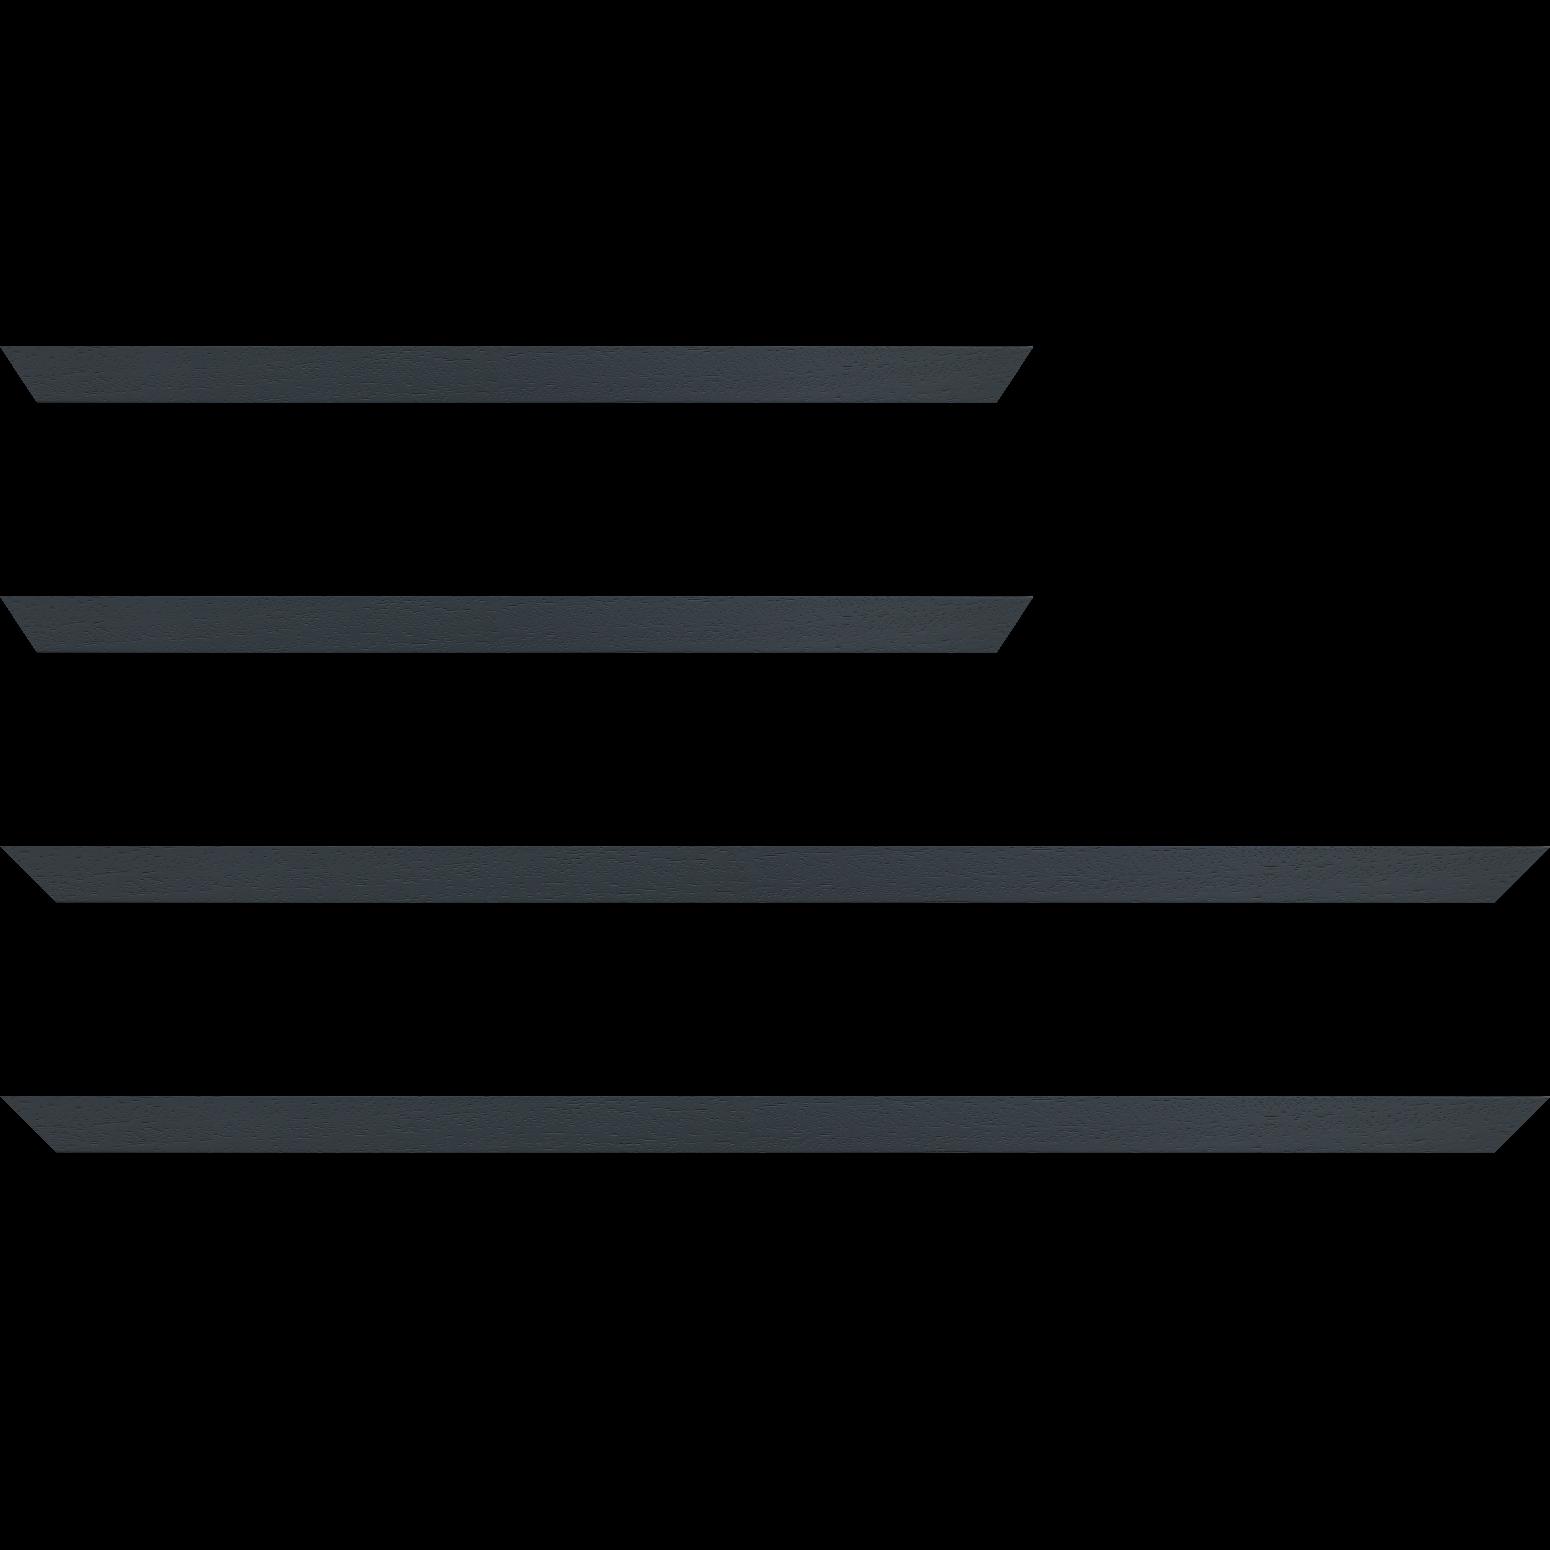 Baguette service précoupé Bois profil plat largeur 2cm hauteur 3.3cm couleur gris foncé satiné (aussi appelé cache clou)